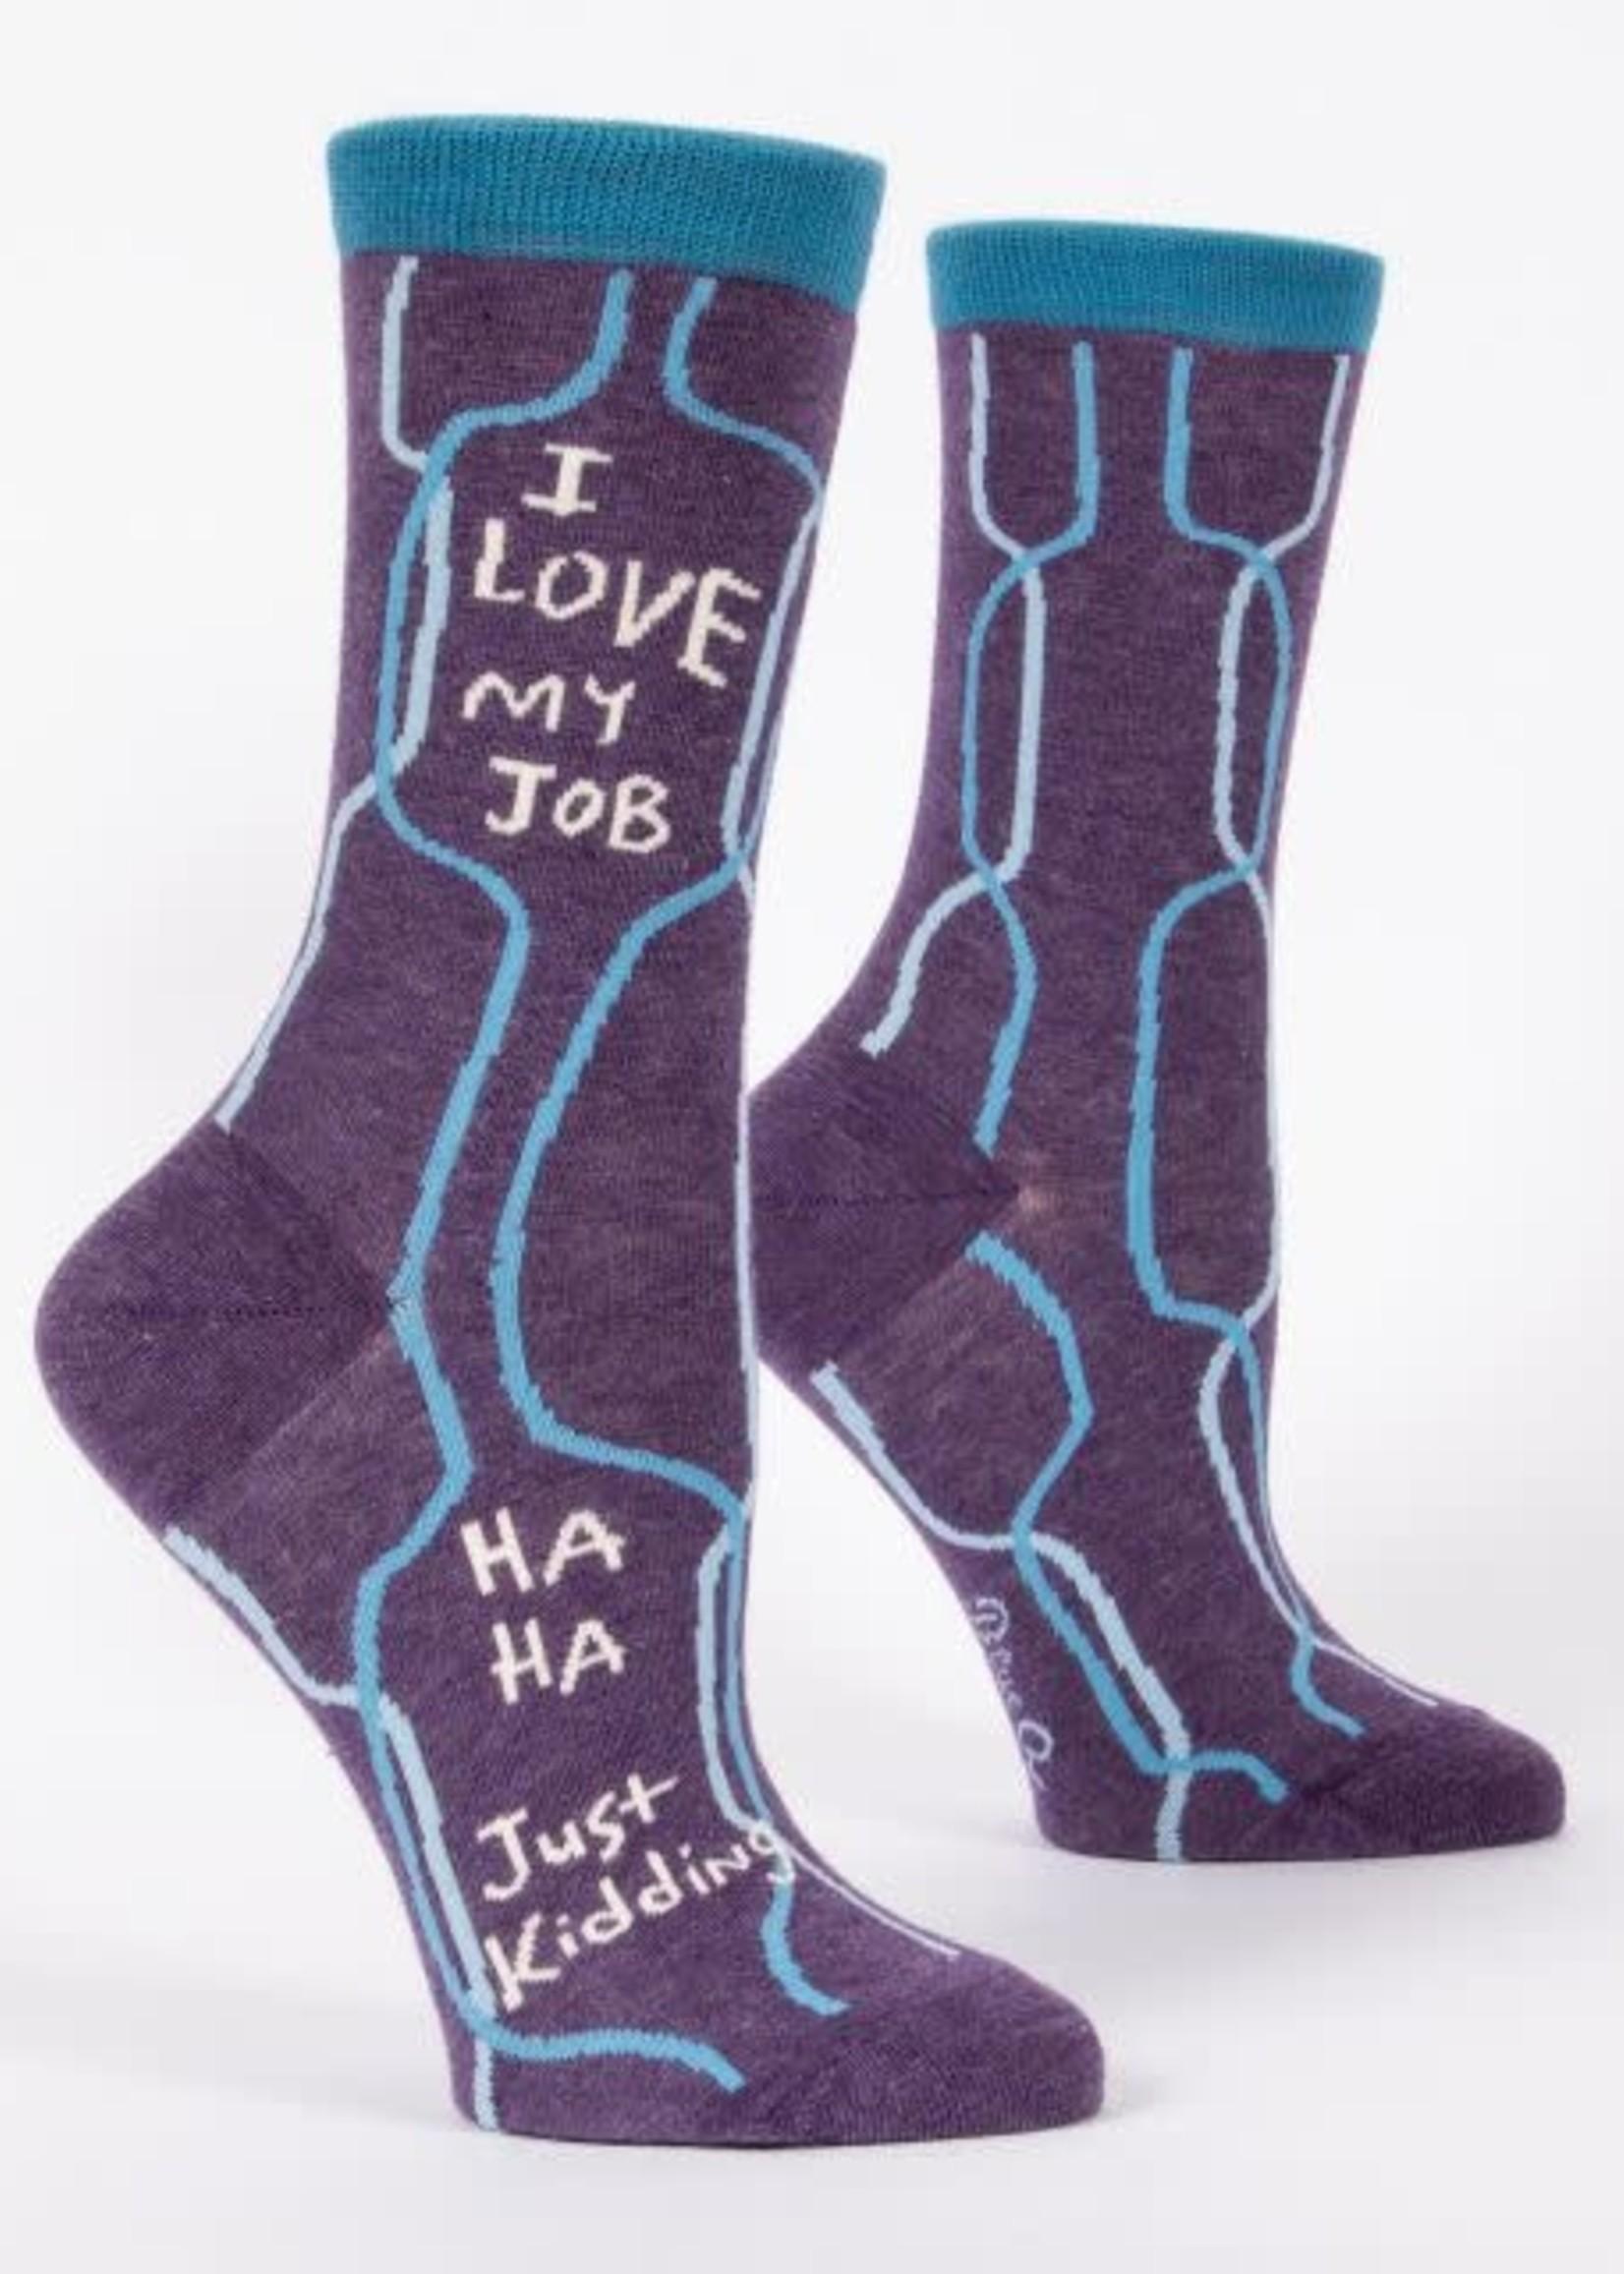 BLUE Q BLUE Q I LOVE MY JOB WOMEN SOCKS